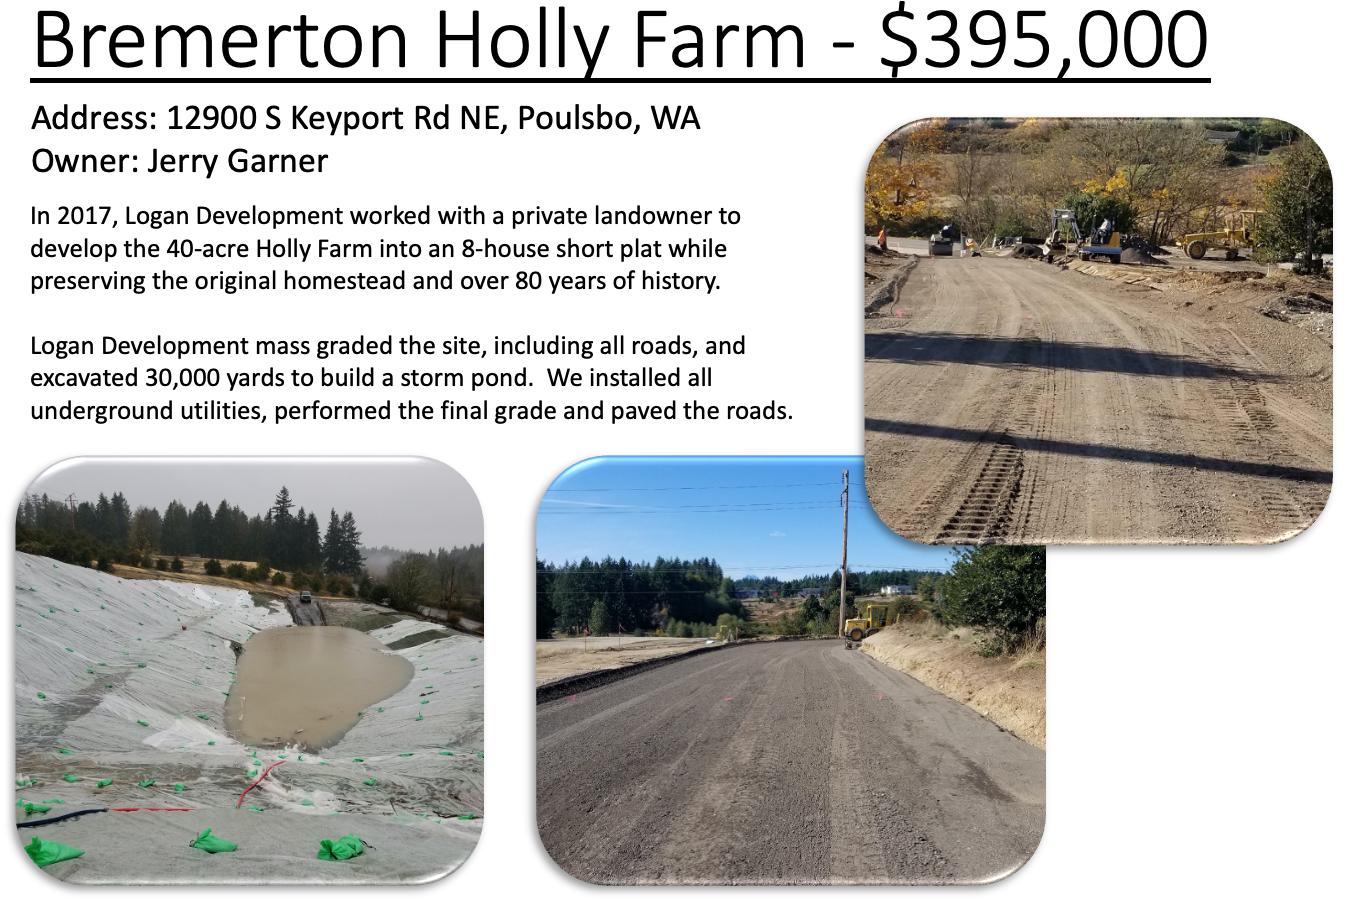 Bremerton Holly Farm